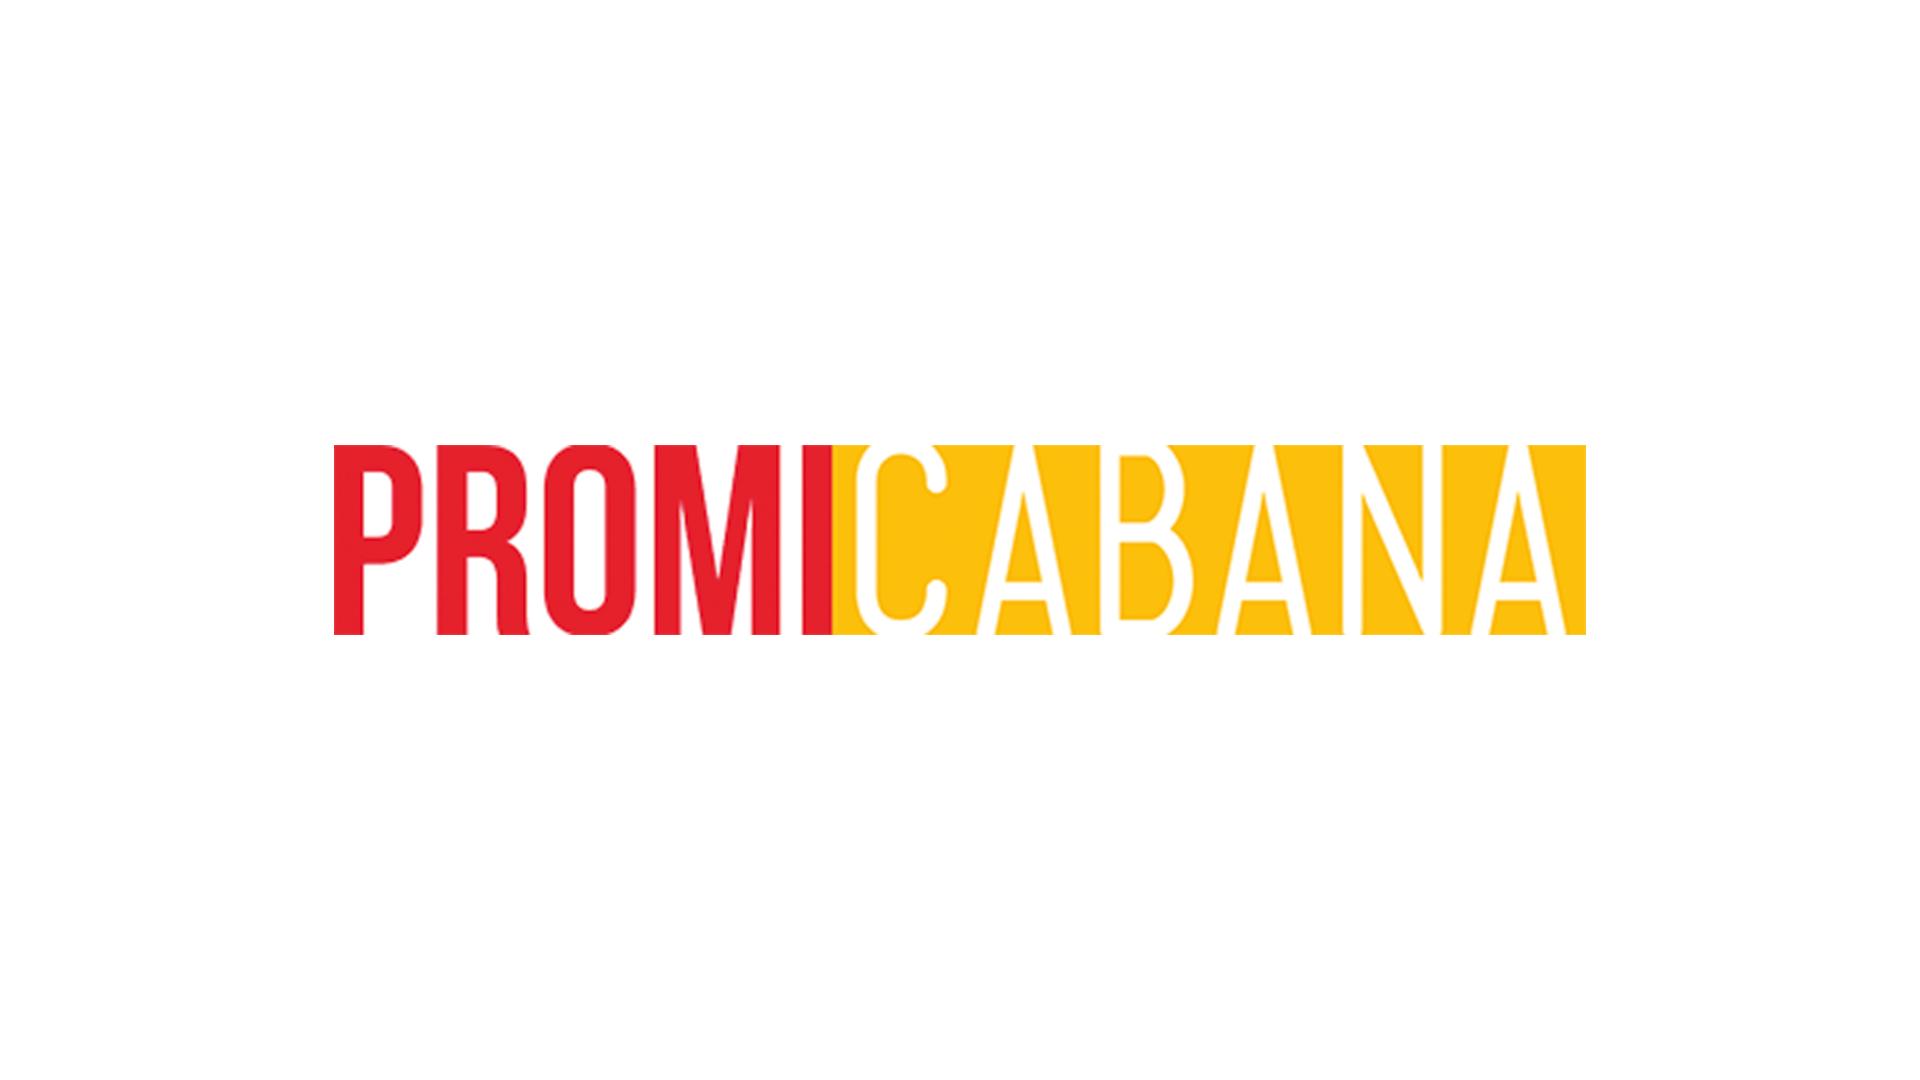 Jesse-James-Sandra-Bullock